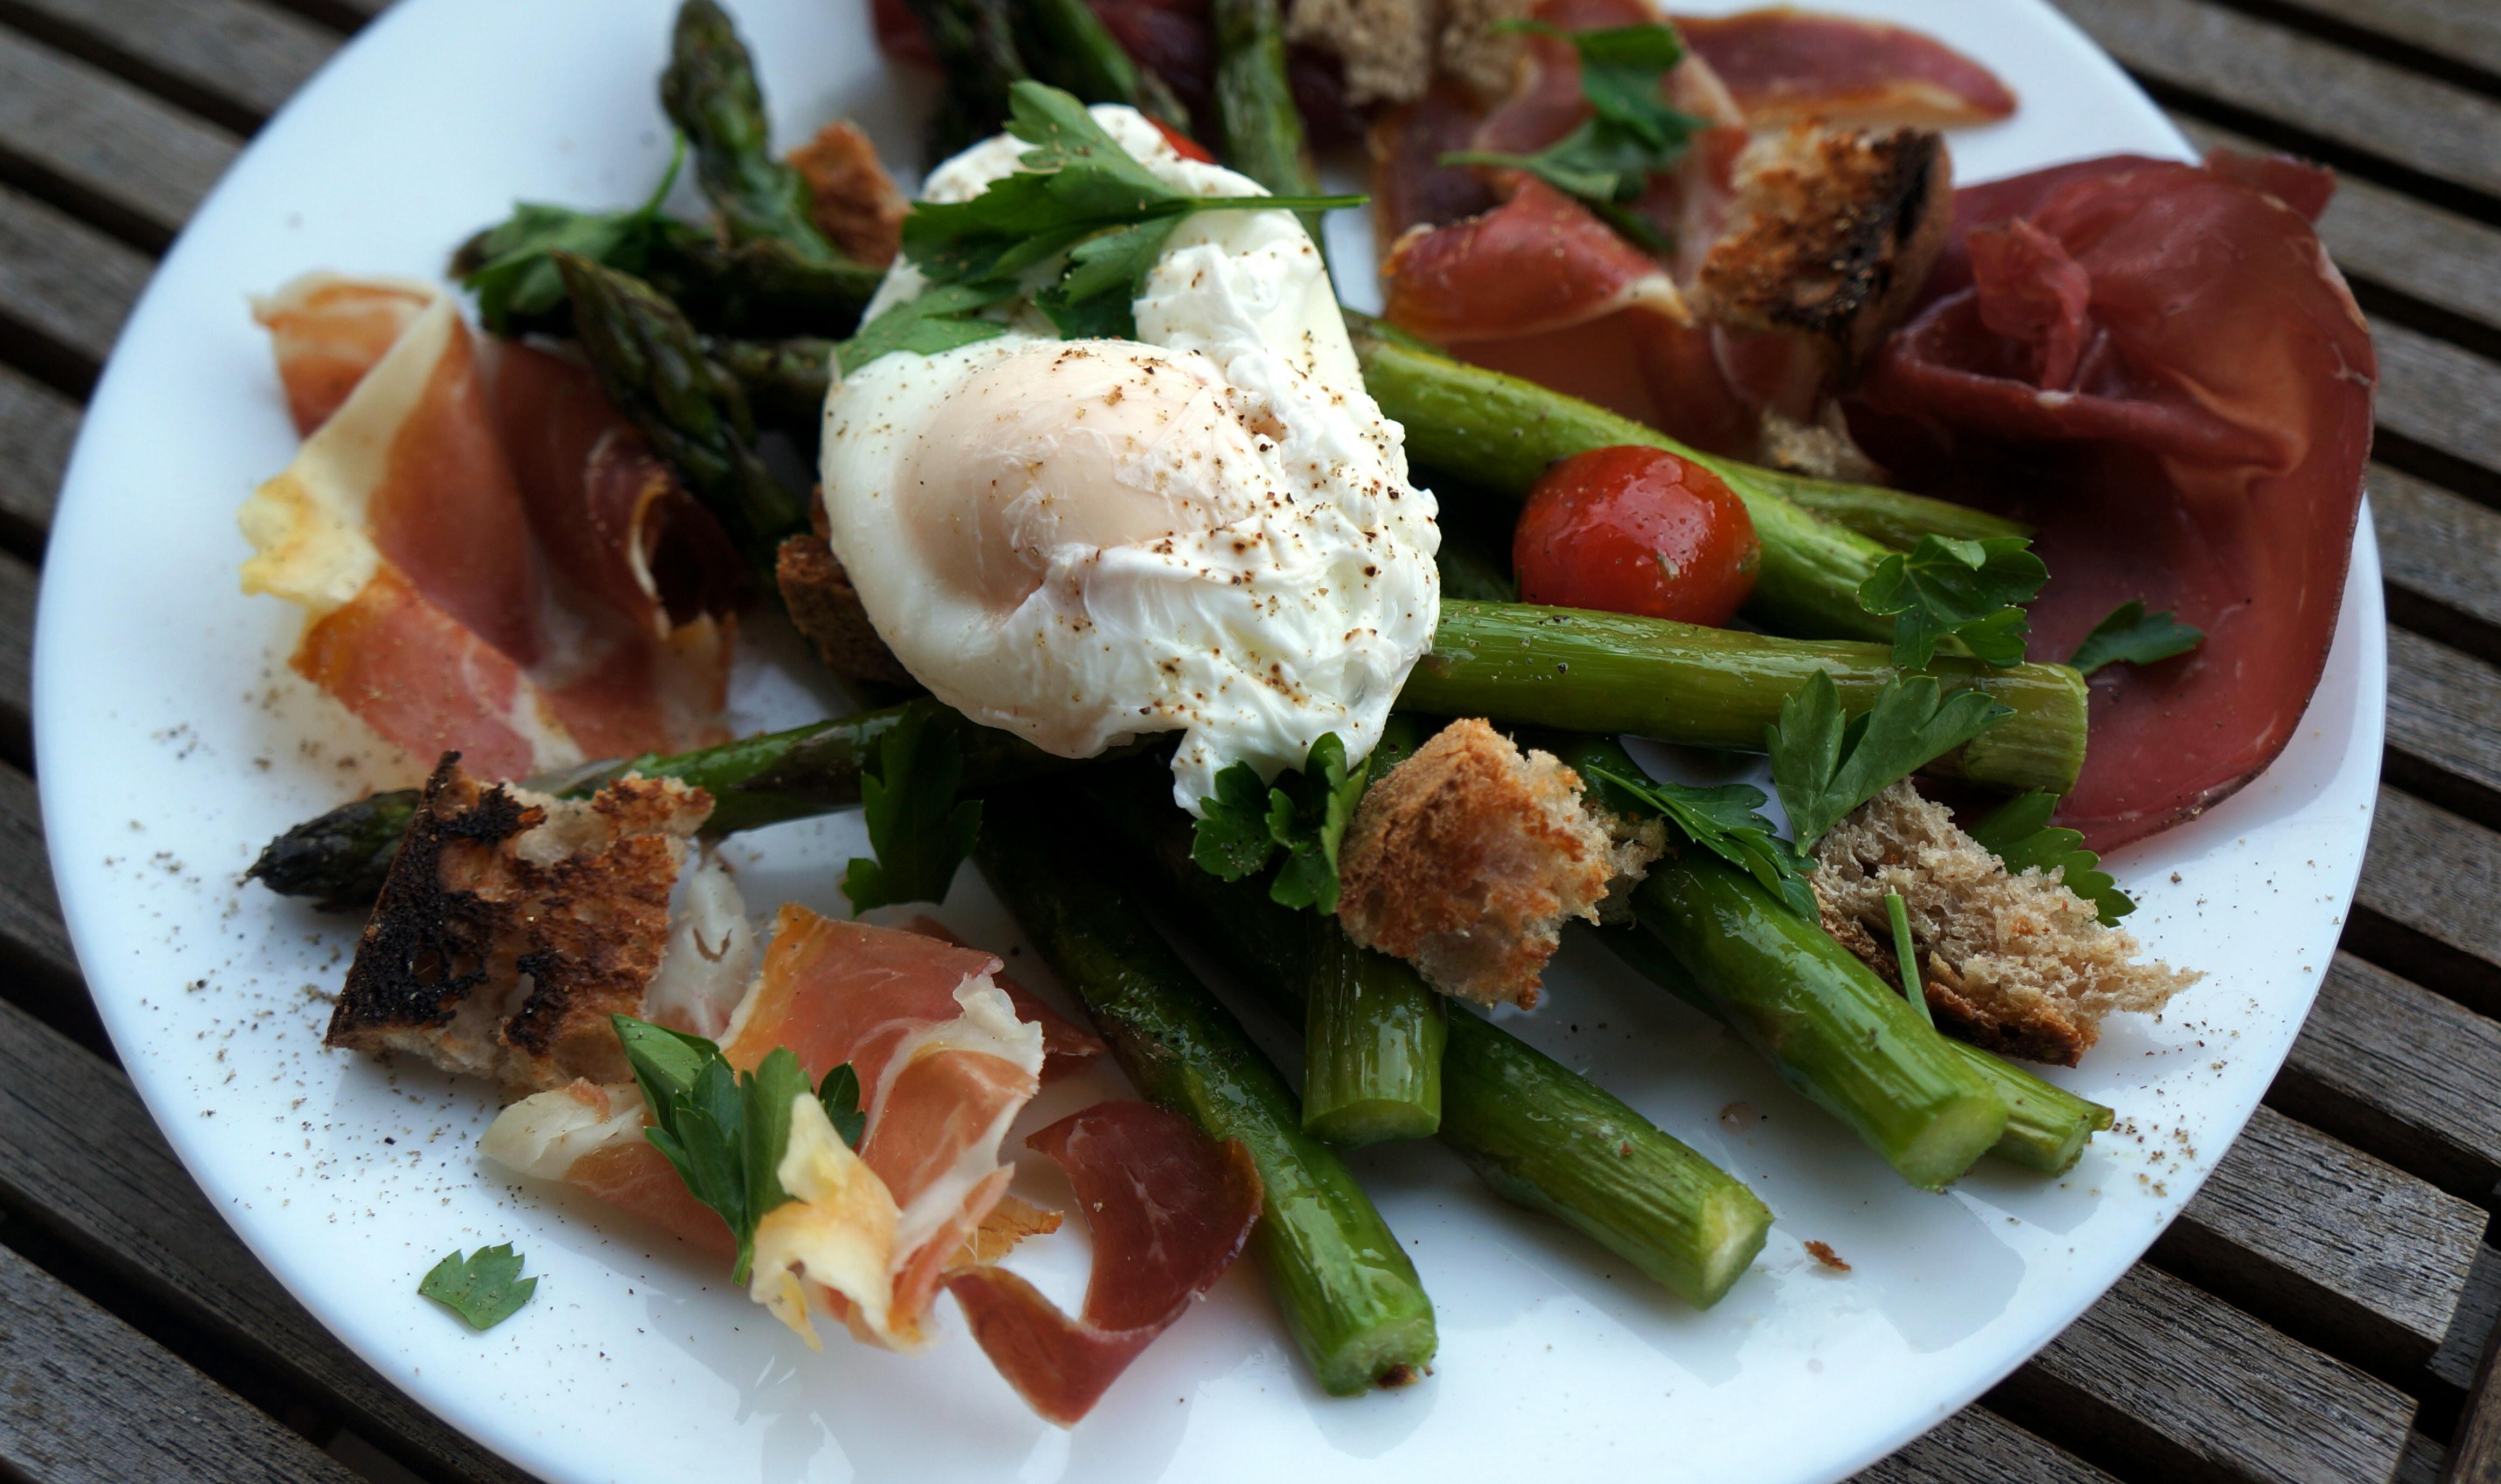 Cuisine trucs et astuces 28 images astuces de cuisine - Trucs et astuces de cuisine ...